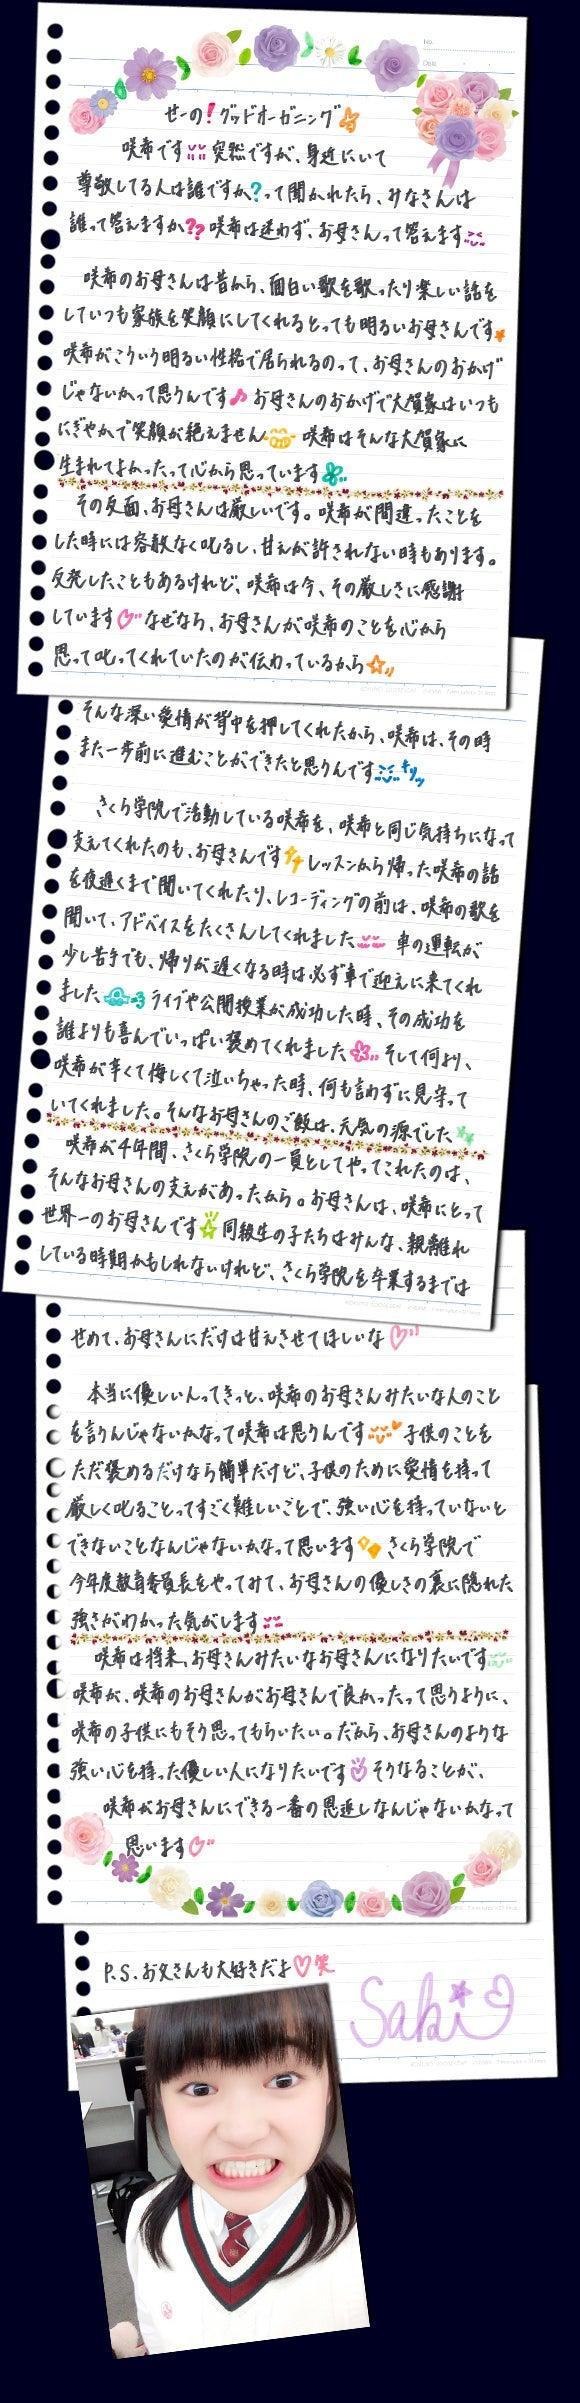 さくら学院 in BABYMETAL板 13時限目 [無断転載禁止]©2ch.netYouTube動画>11本 dailymotion>2本 ->画像>355枚